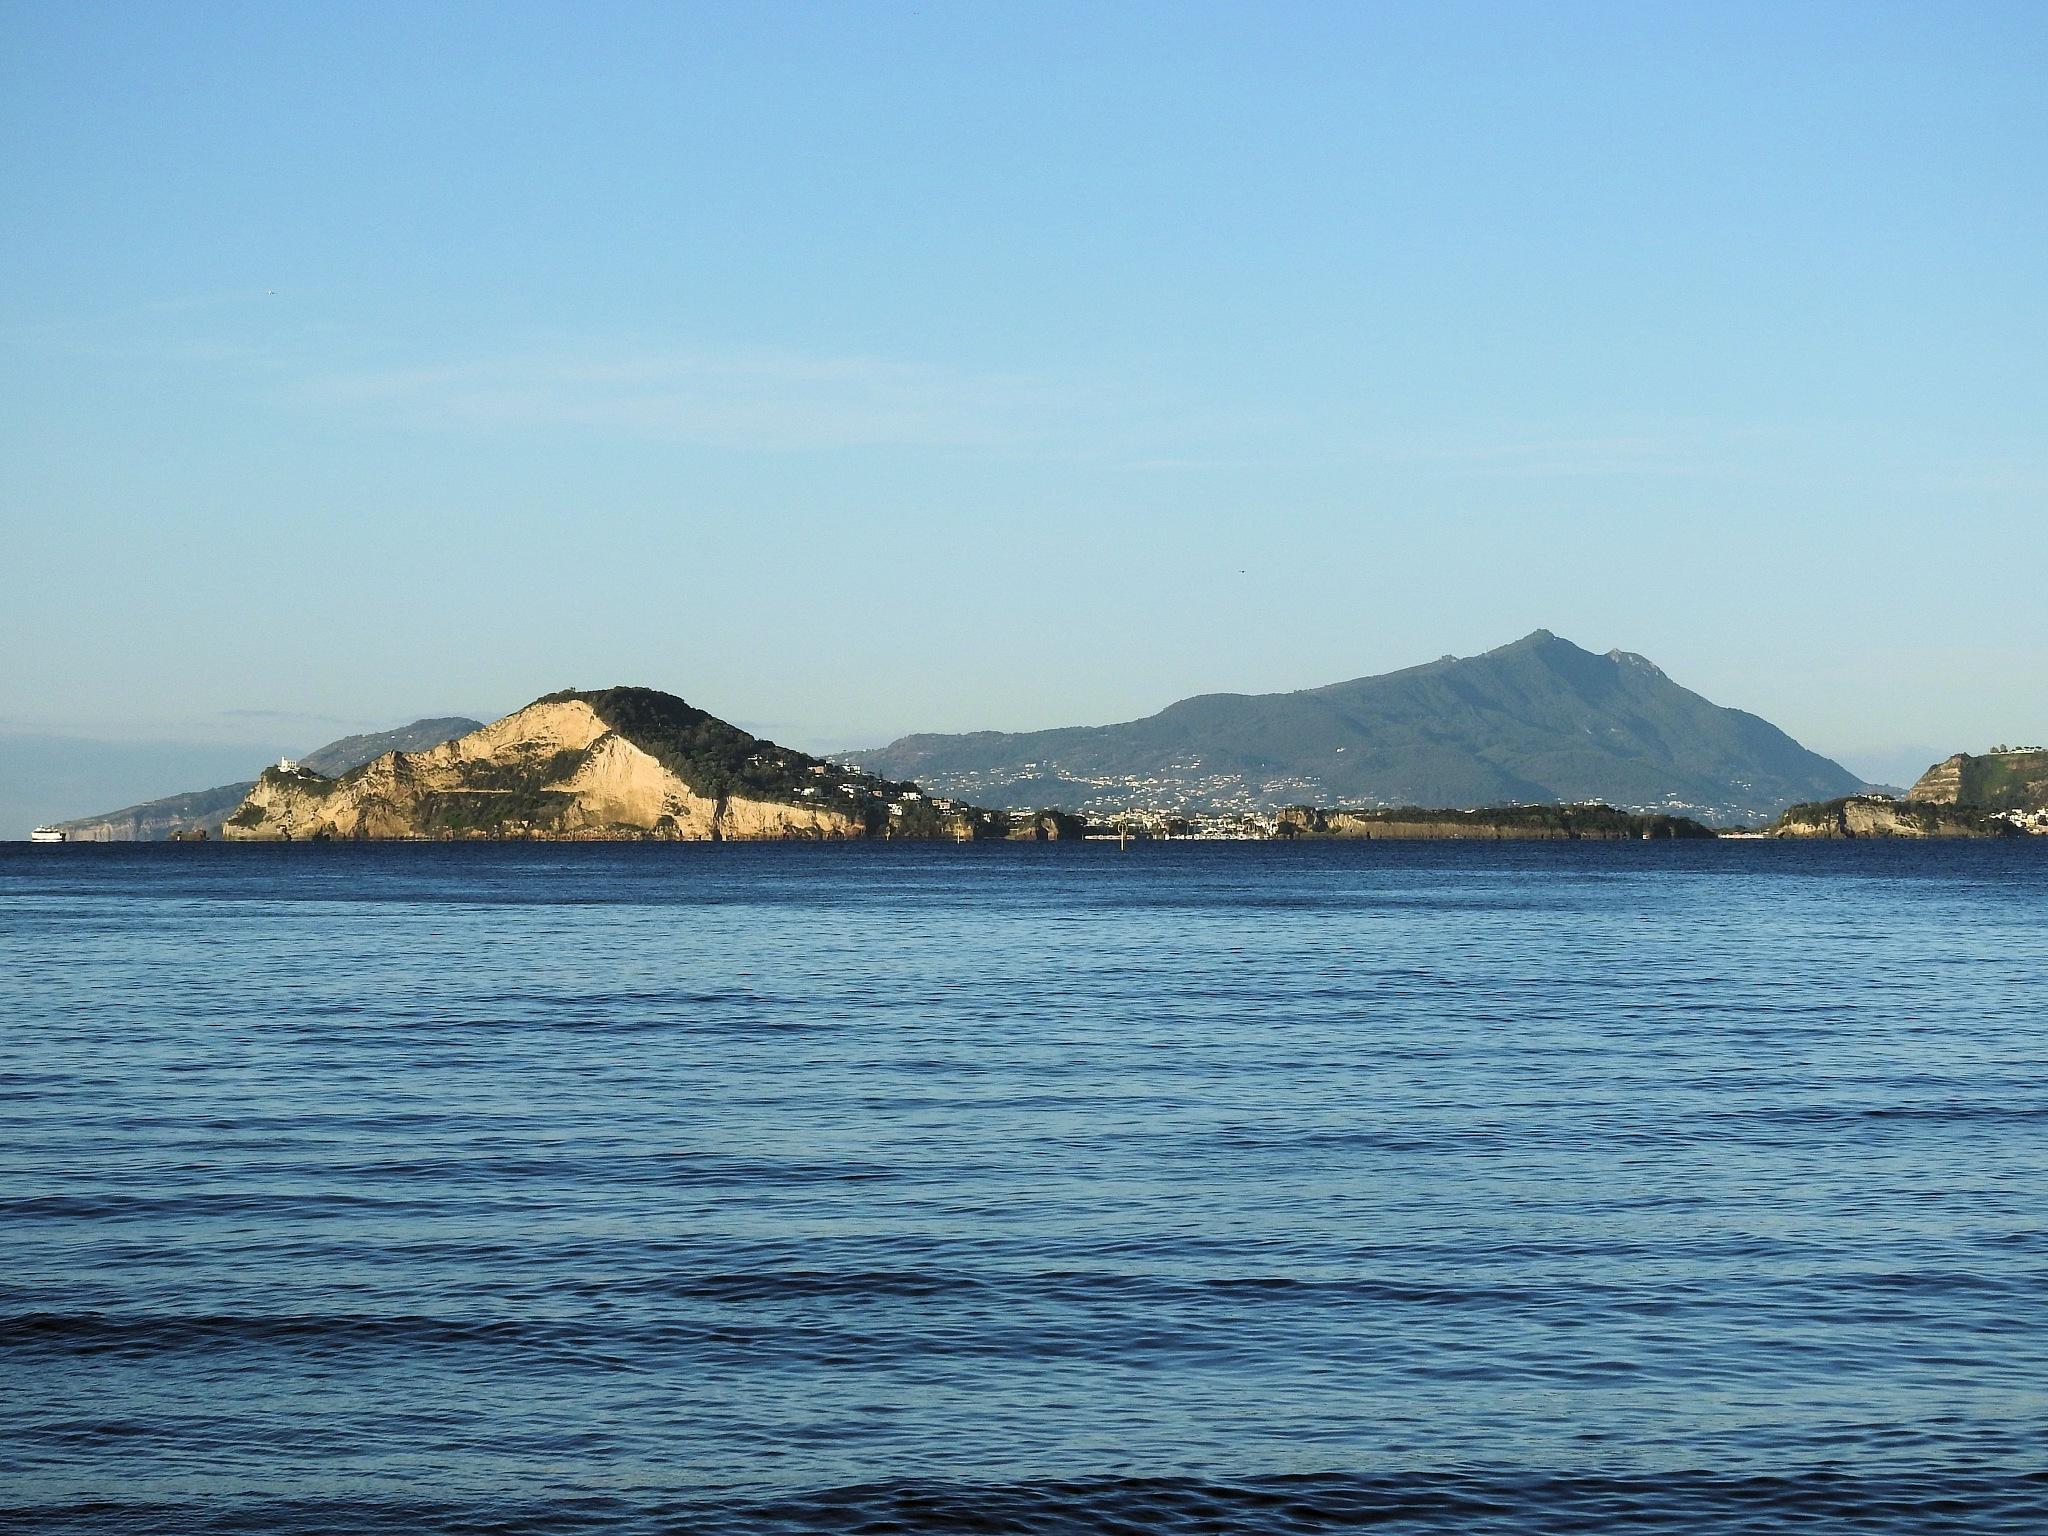 Ciao from Procida, Capo Miseno, Ischia e Campi Flegrei...Felice domenica! by Delirium Tremends 62